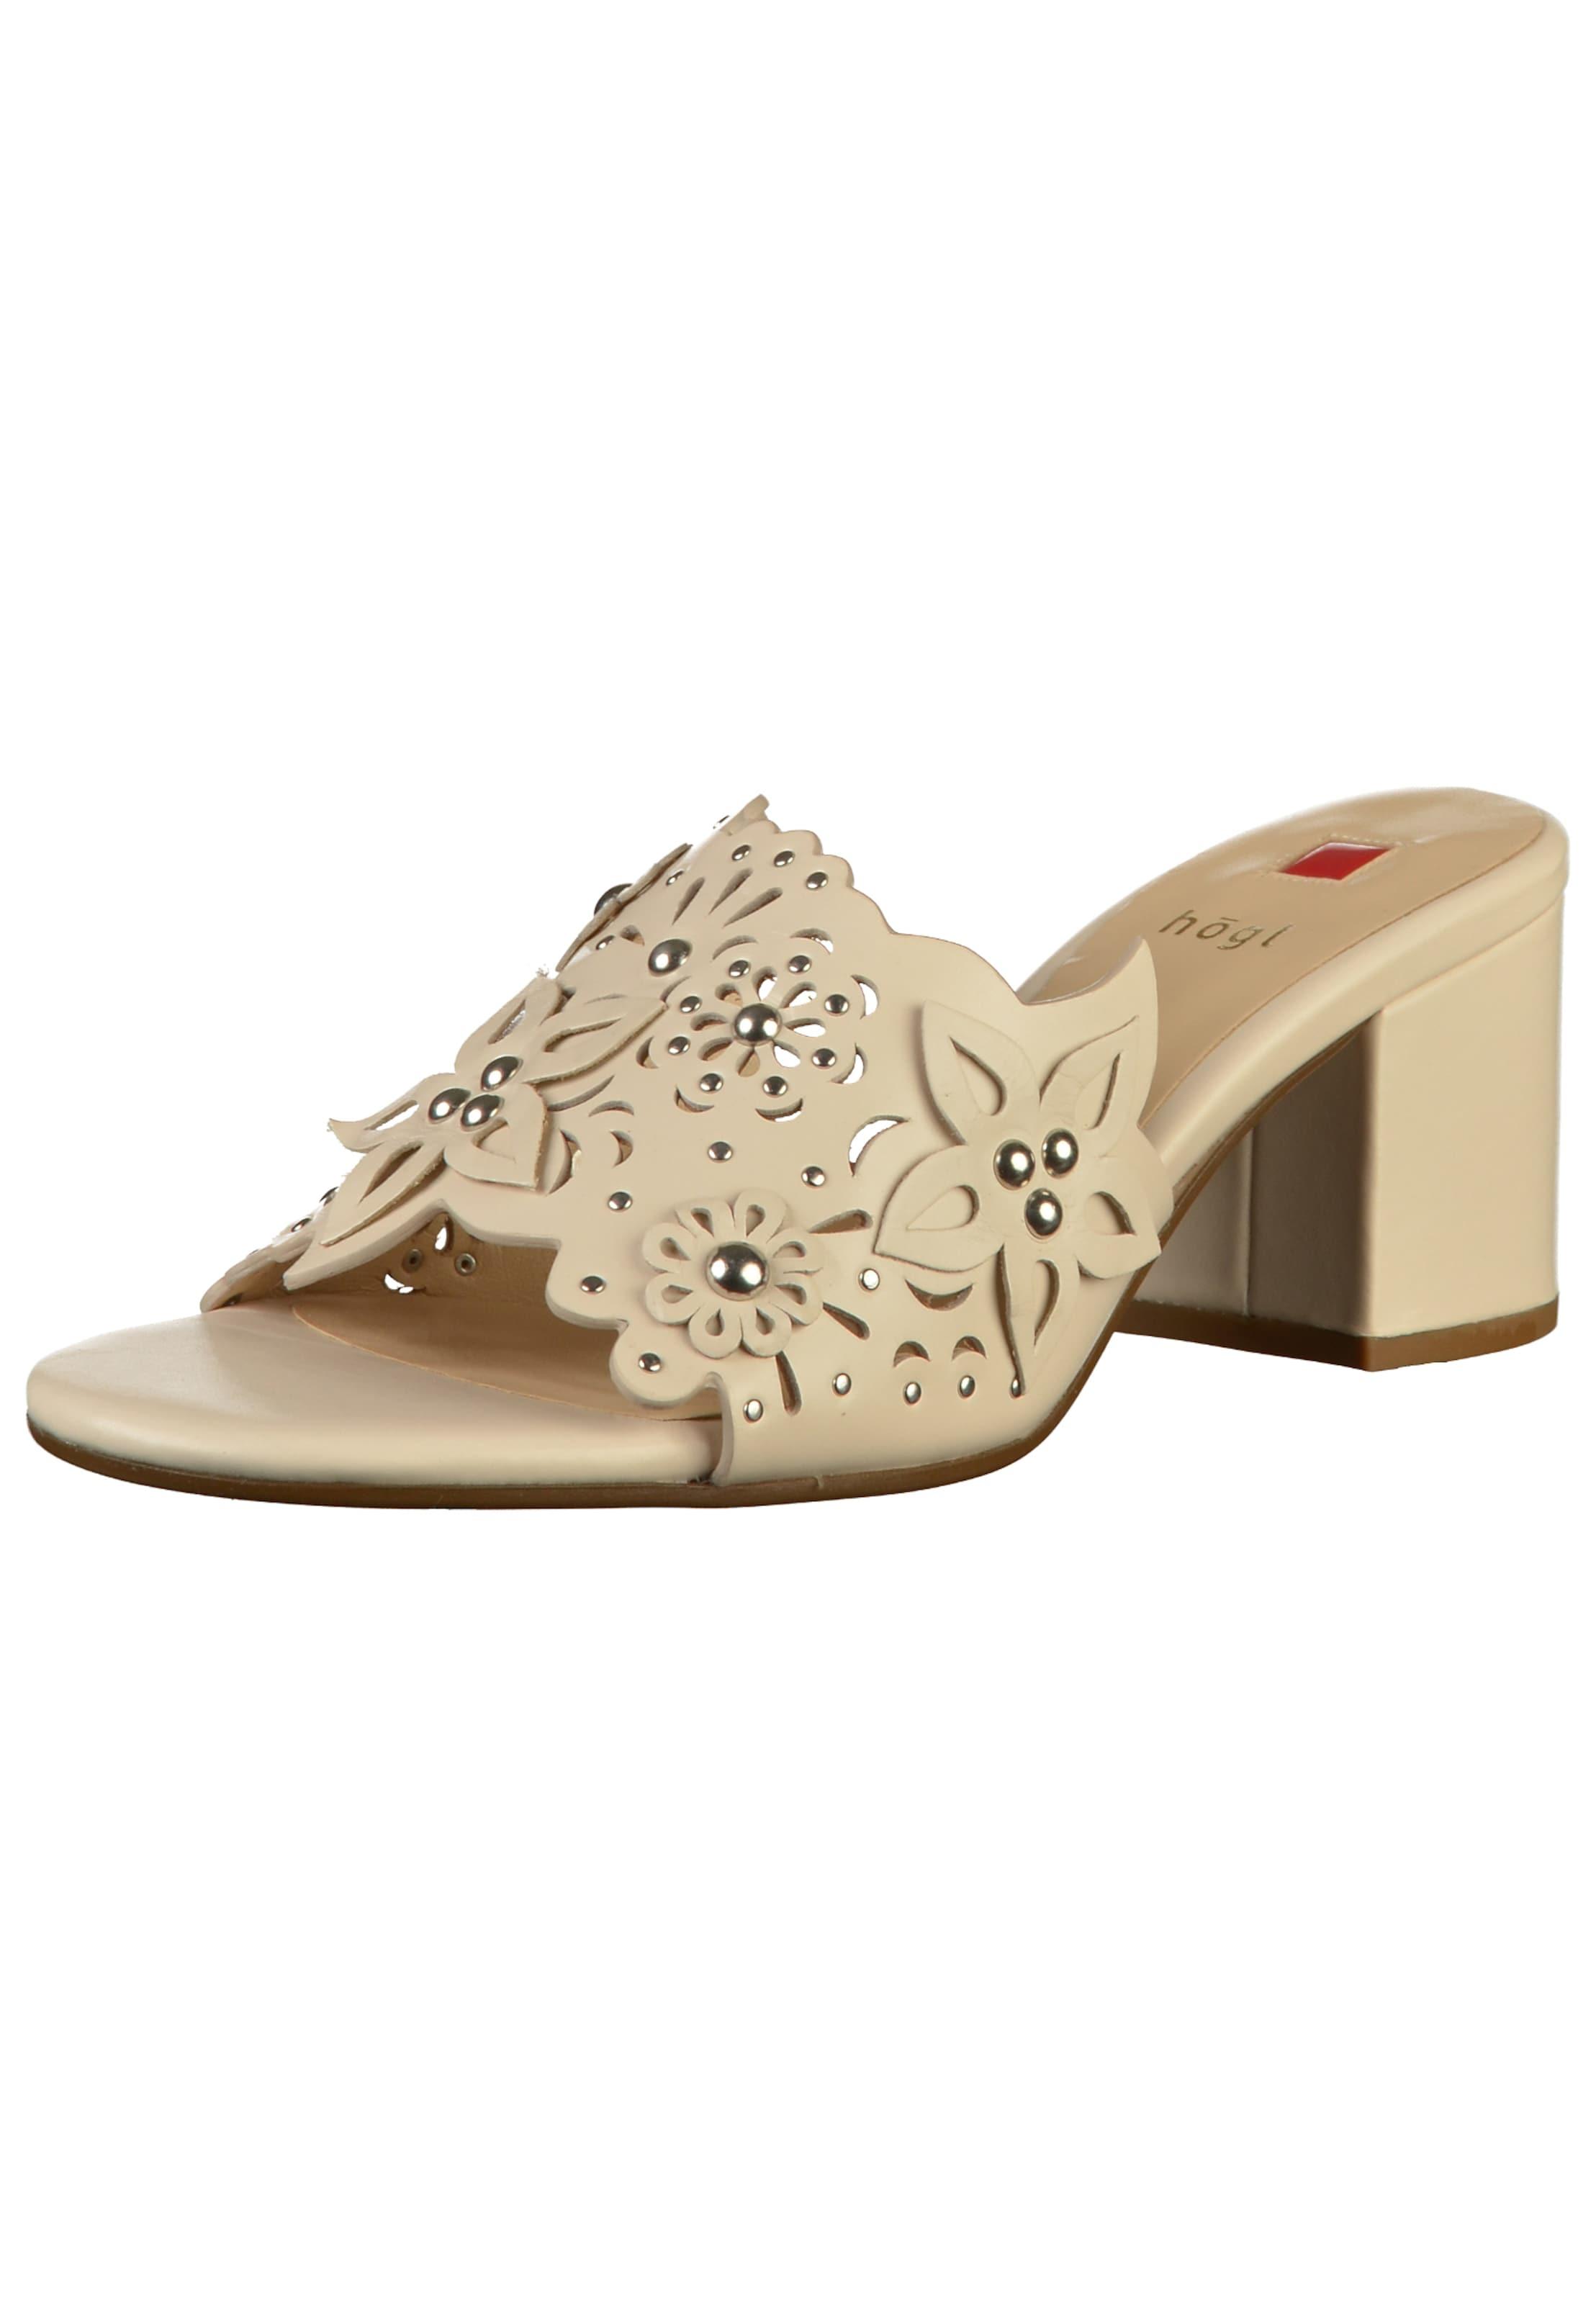 Högl Pantoletten Verschleißfeste billige Schuhe Hohe Qualität